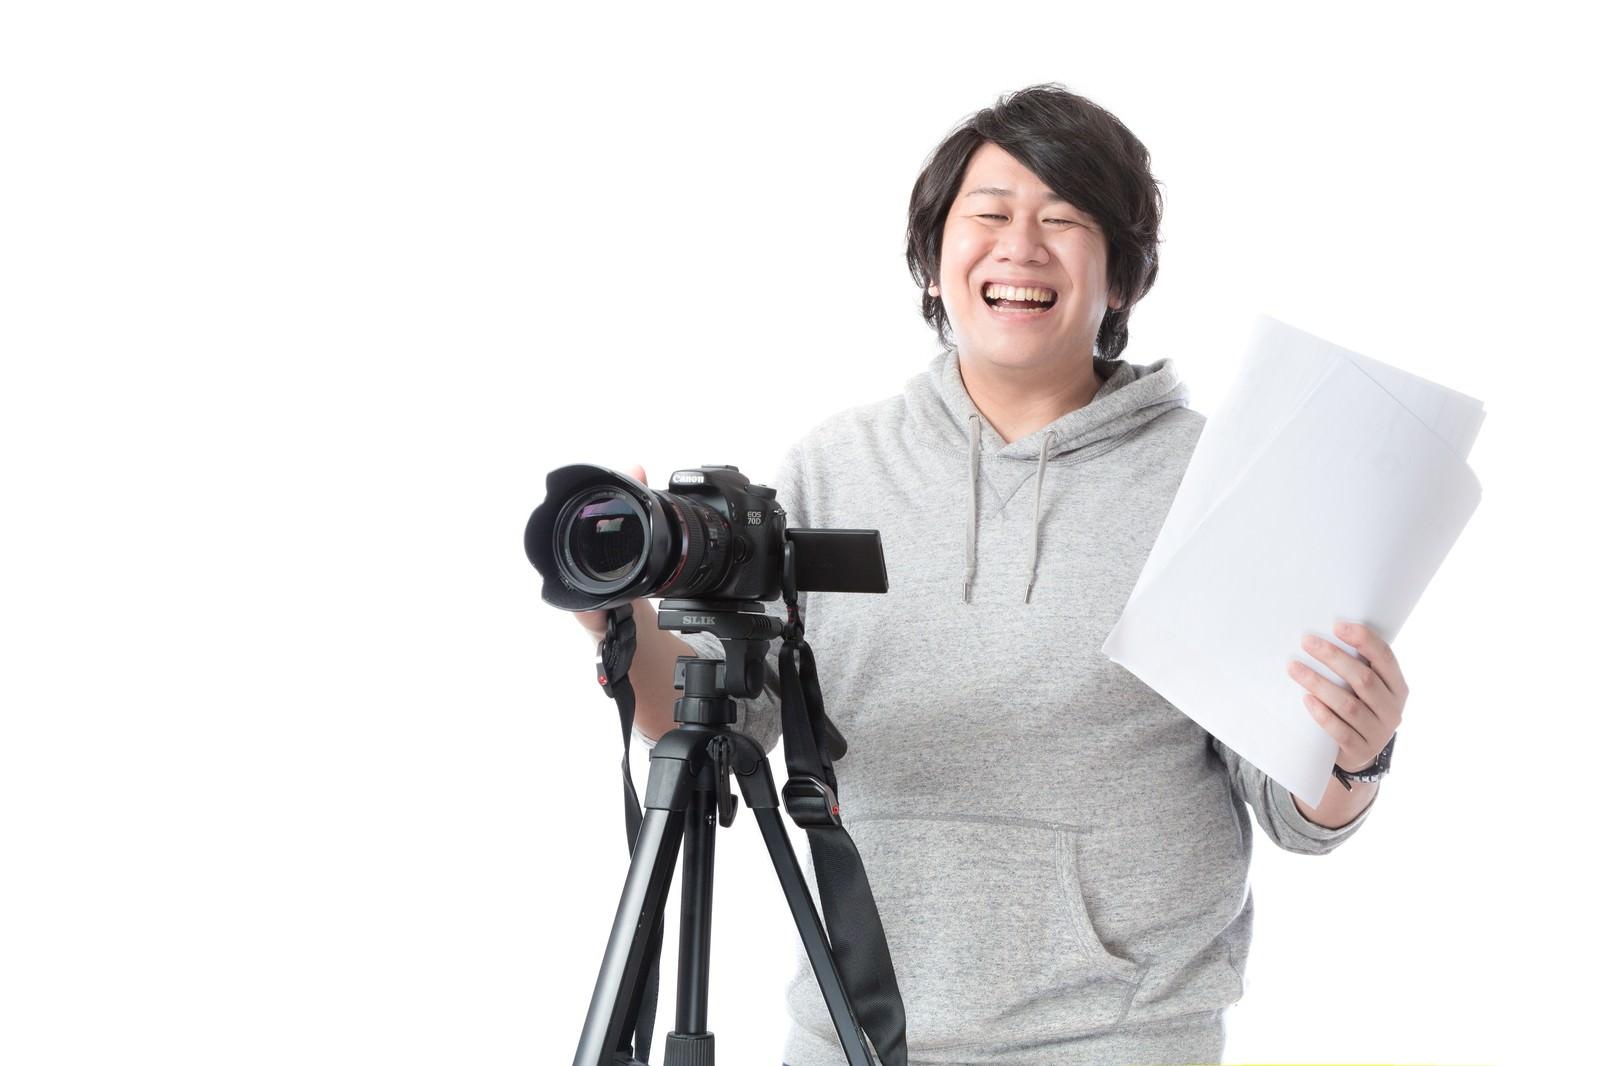 「制作の現場を取り仕切る映像ディレクター」の写真[モデル:あまのじゃく]